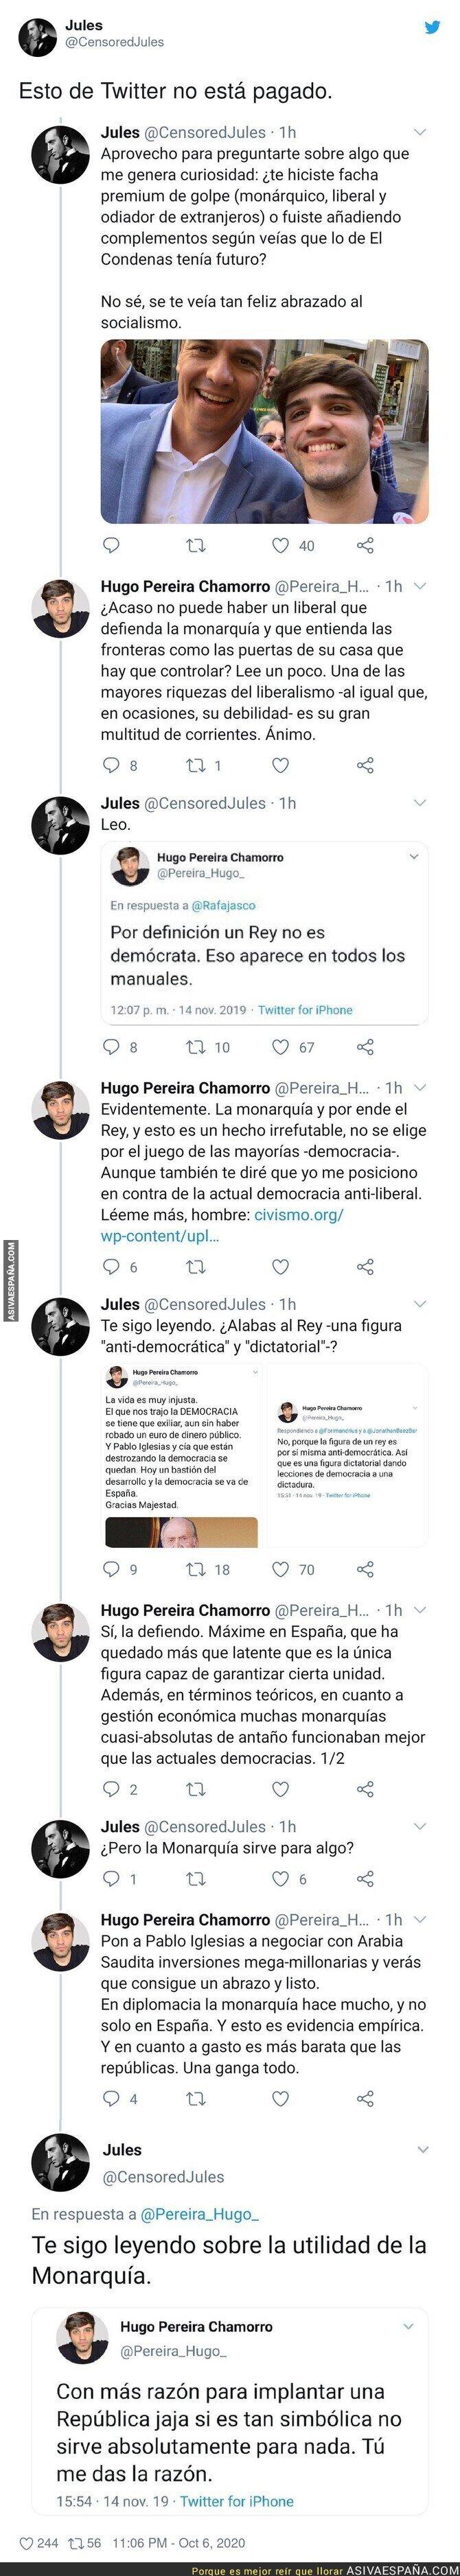 401496 - Este es el nivel de Hugo Pereira, el que antes era simpatizante del PSOE y ahora vota a VOX